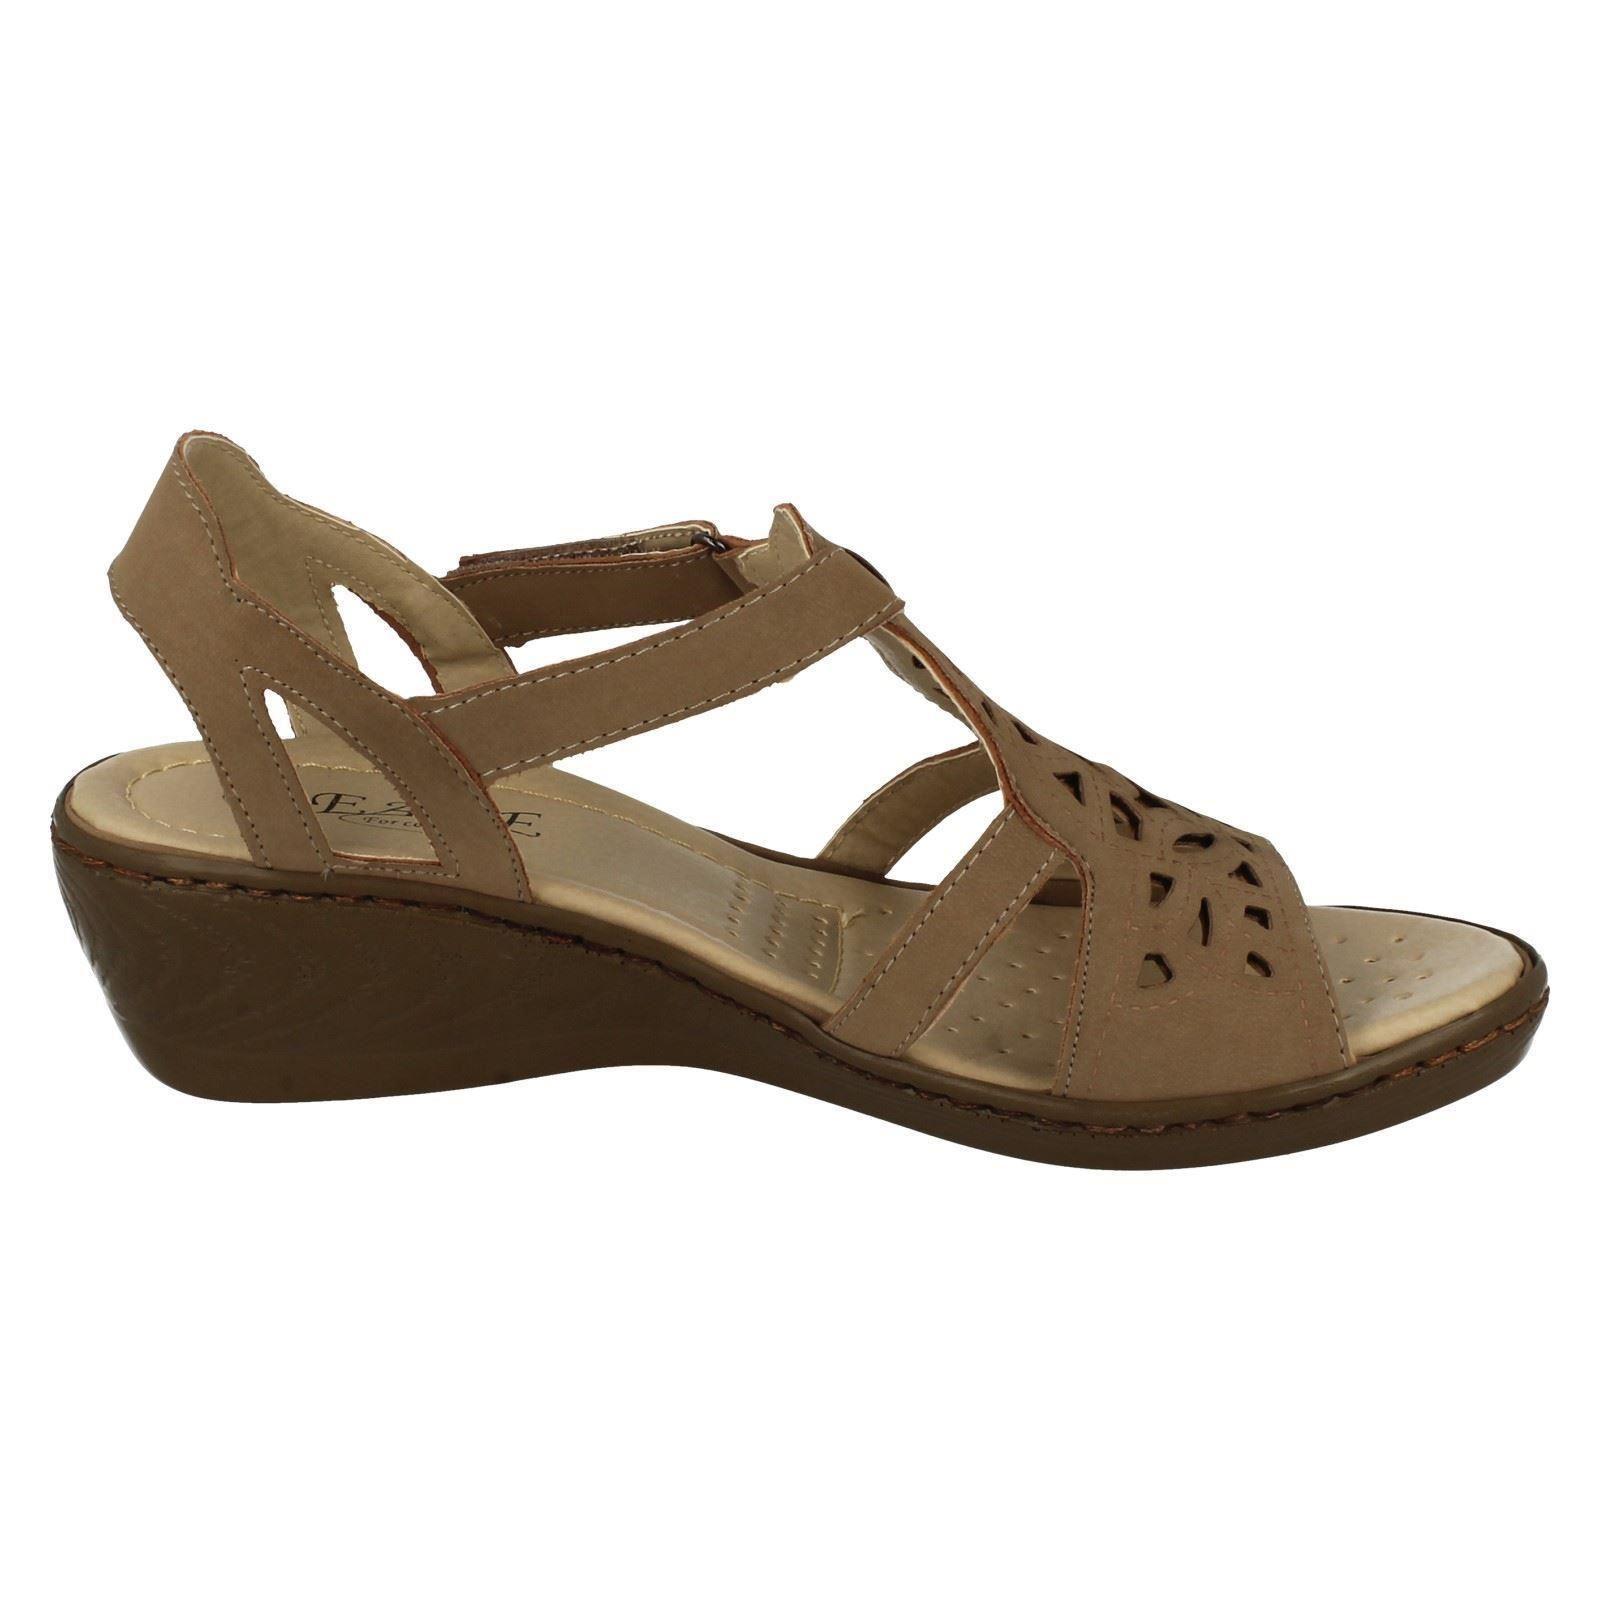 Ladies Eaze Comfort Open Toe Wedged Sandals